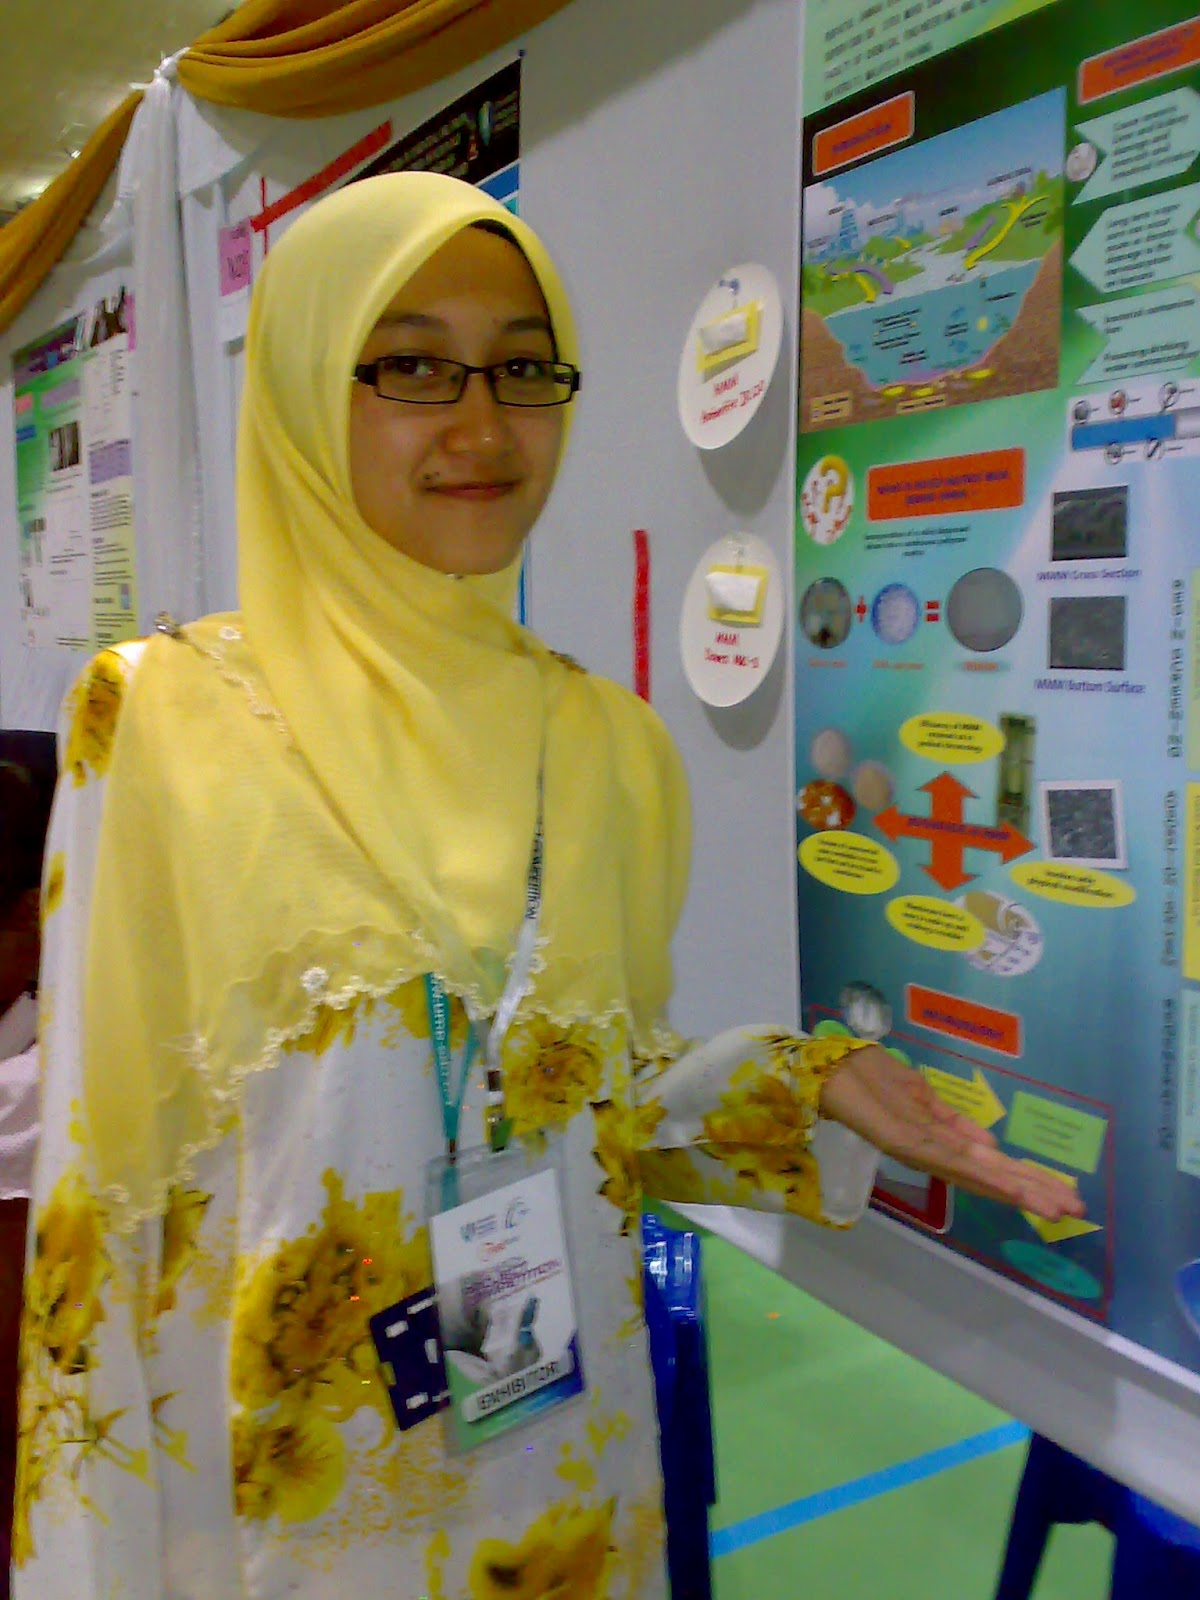 ... kelab janda muda 851 x 315 69 kb jpeg kelab janda muda malaysia 2012